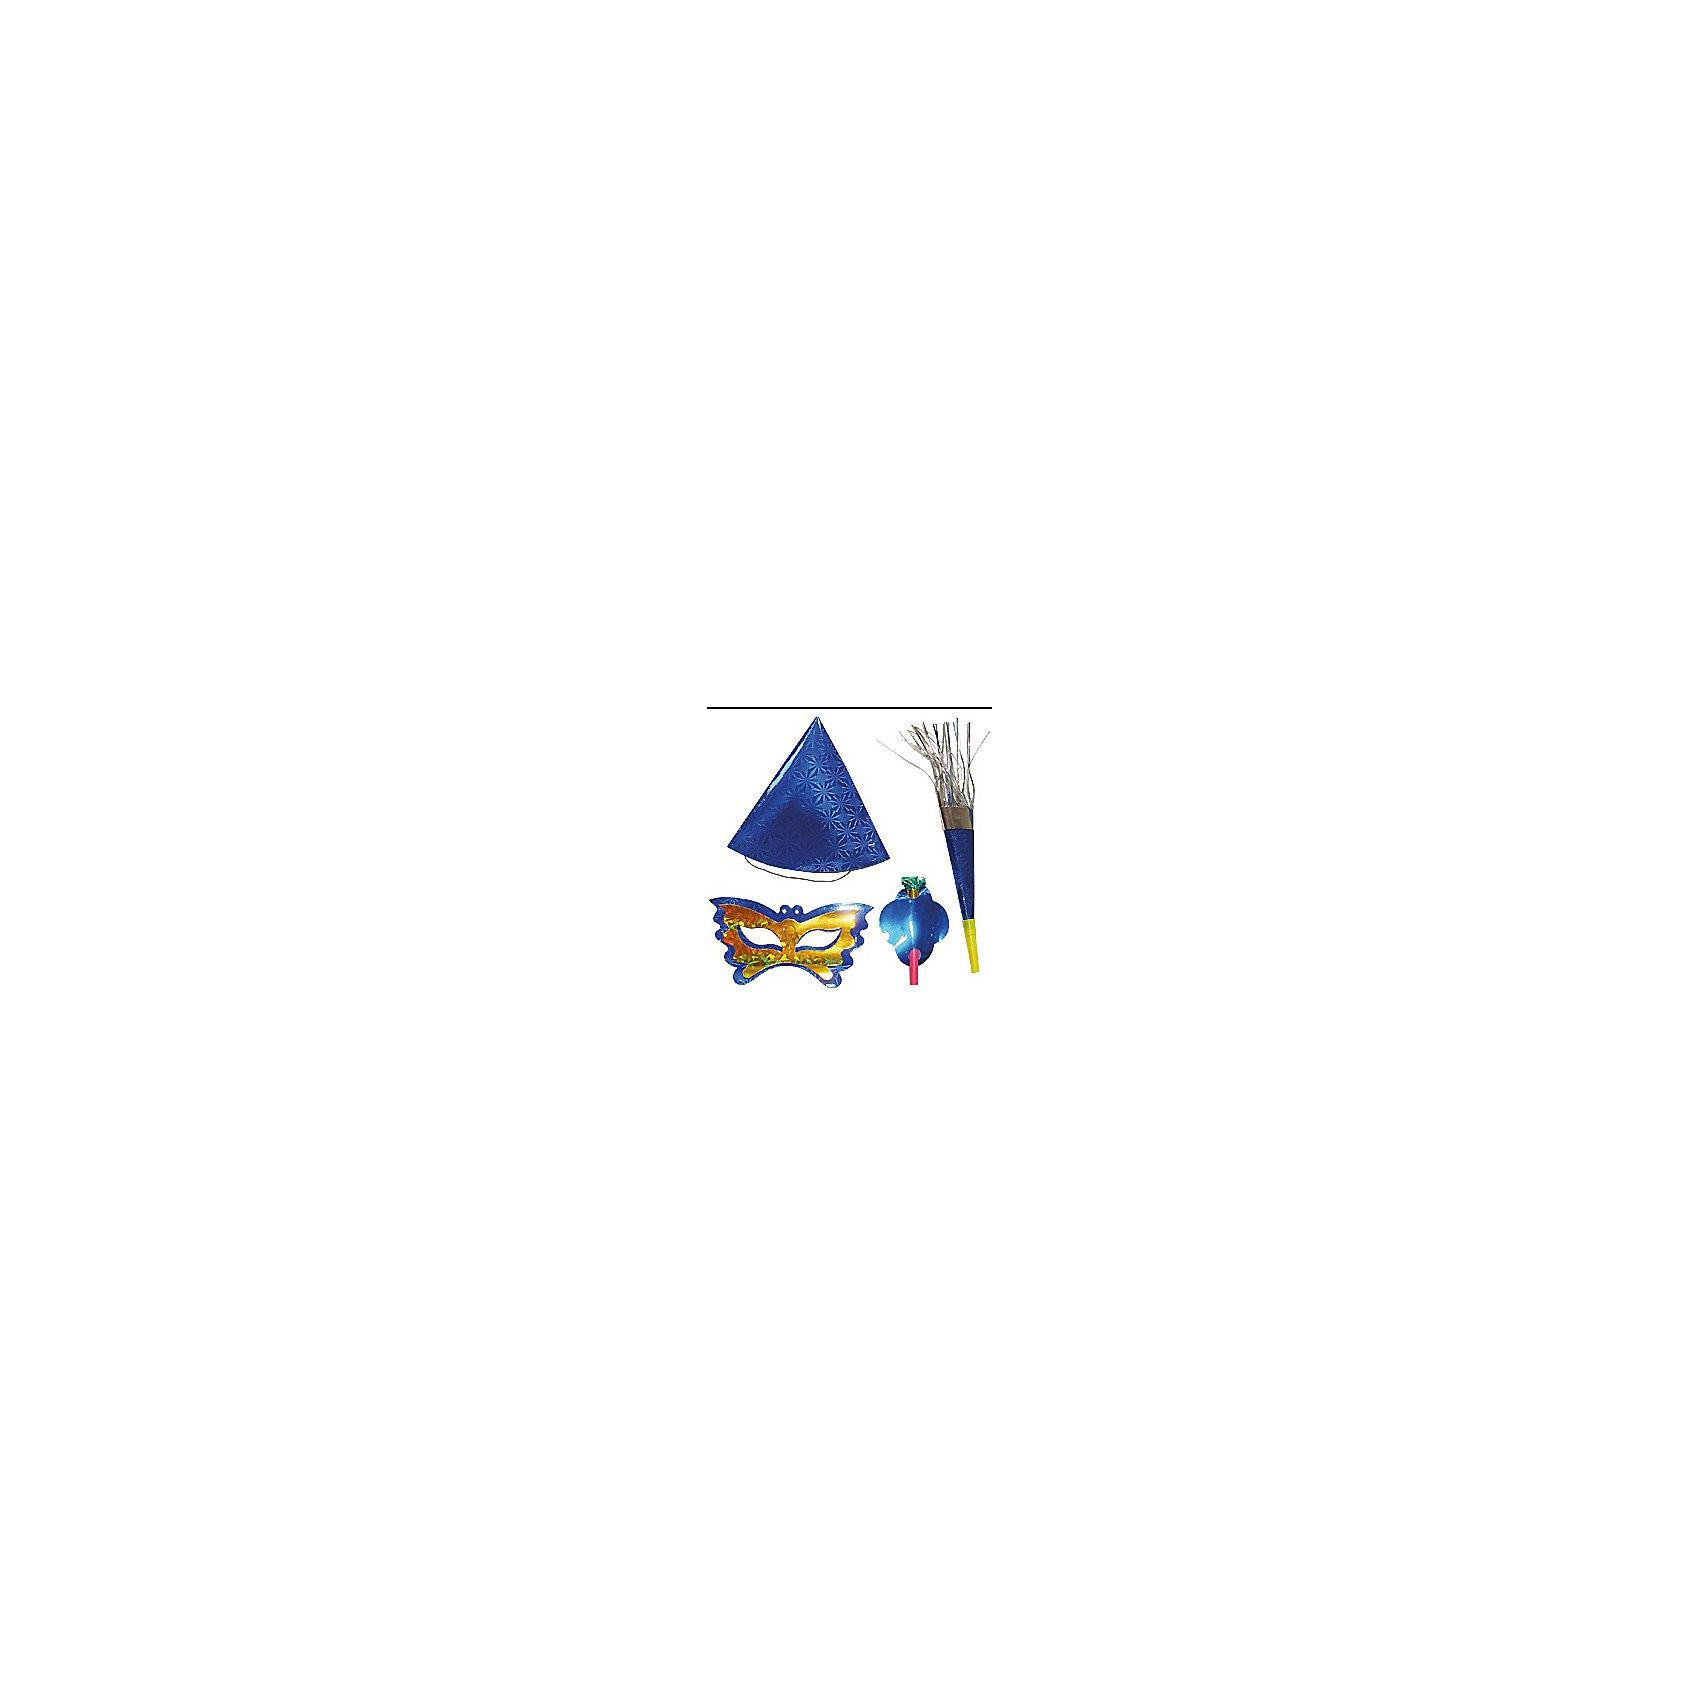 Marko Ferenzo Набор карнавальный Праздничный (колпак, маска, язычок, дудочка) marko ferenzo набор шаров русский 8 см 4 шт золото